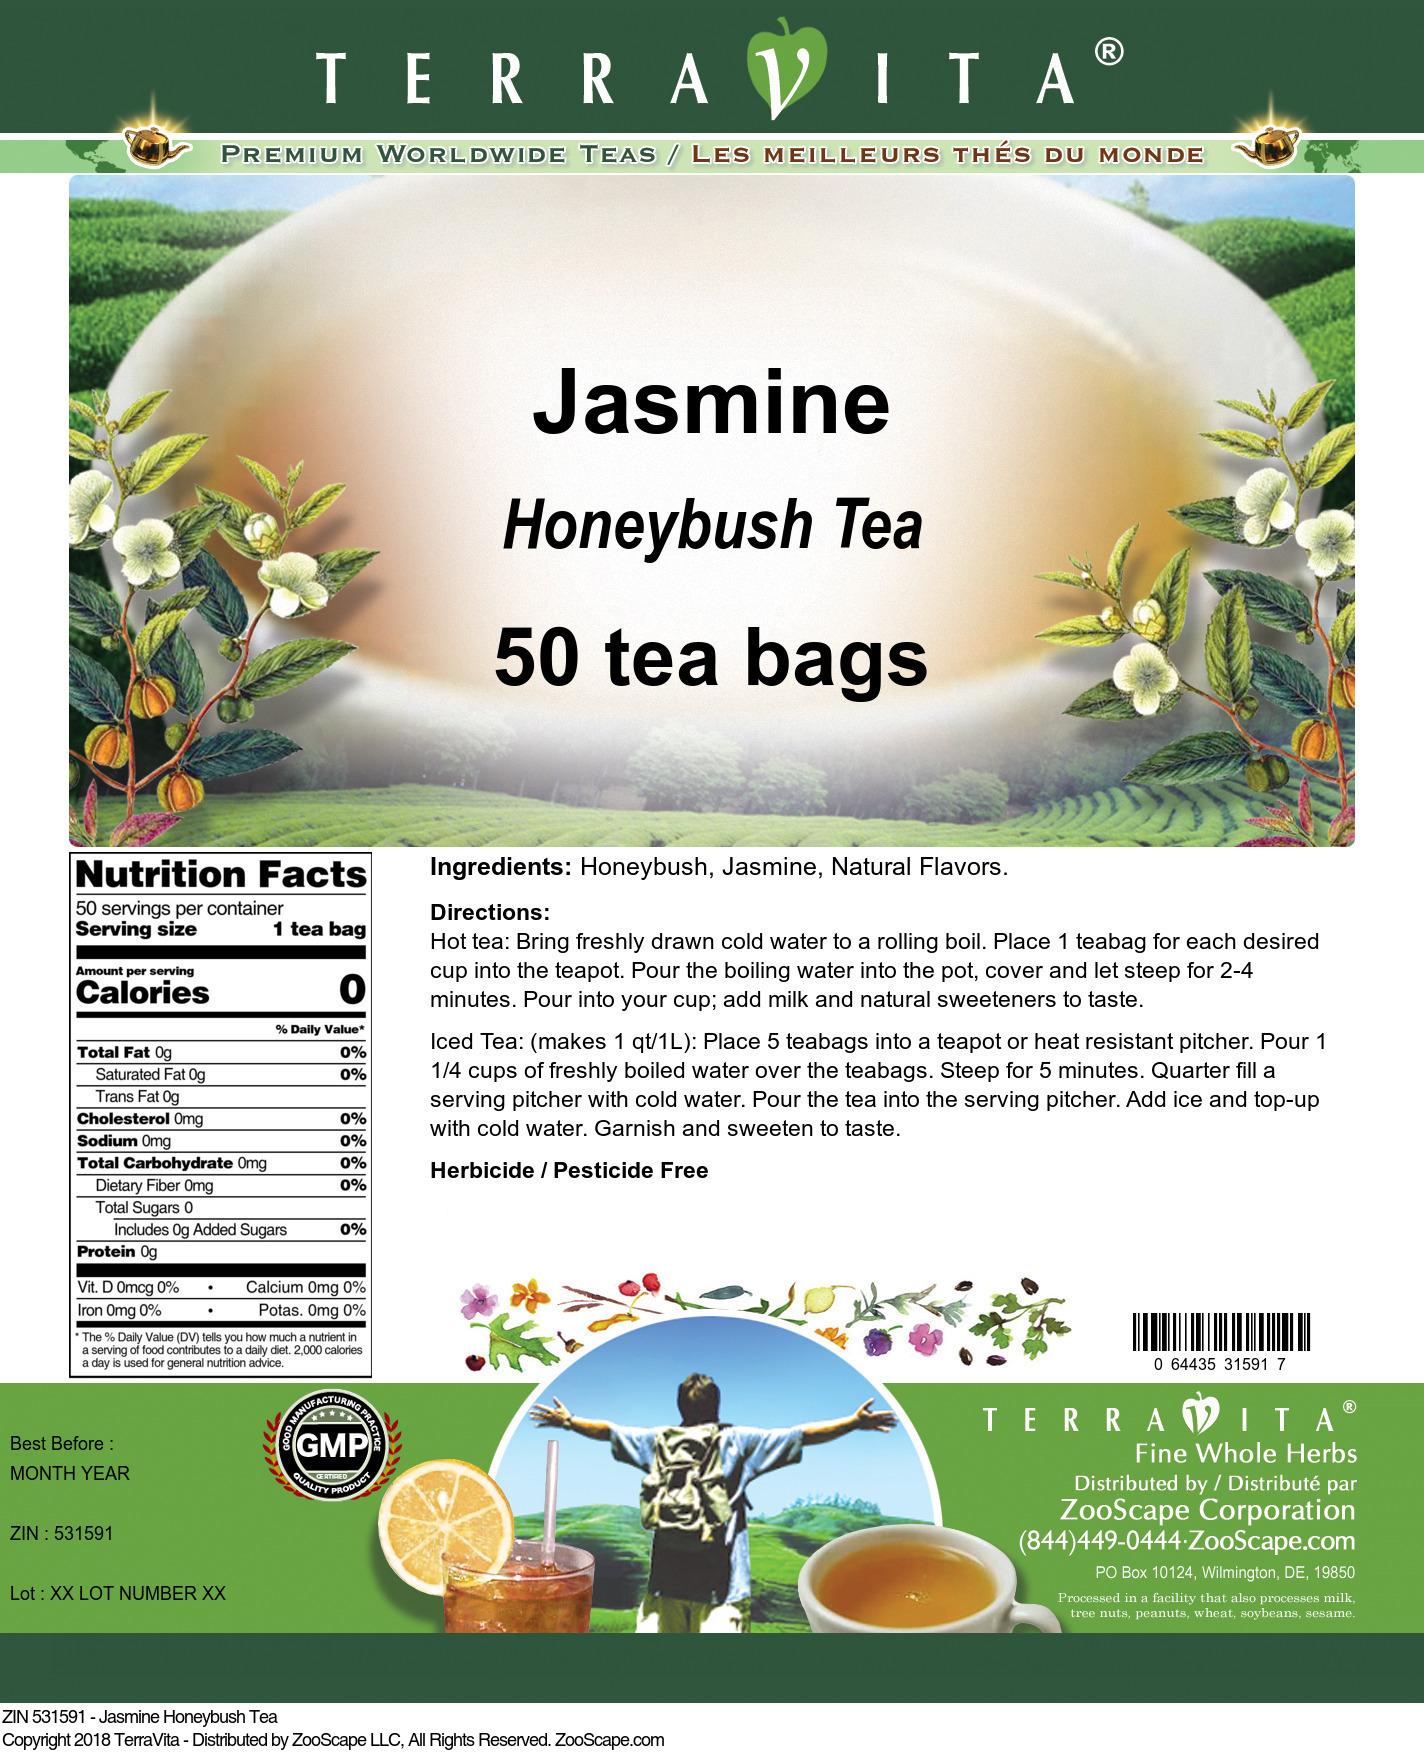 Jasmine Honeybush Tea